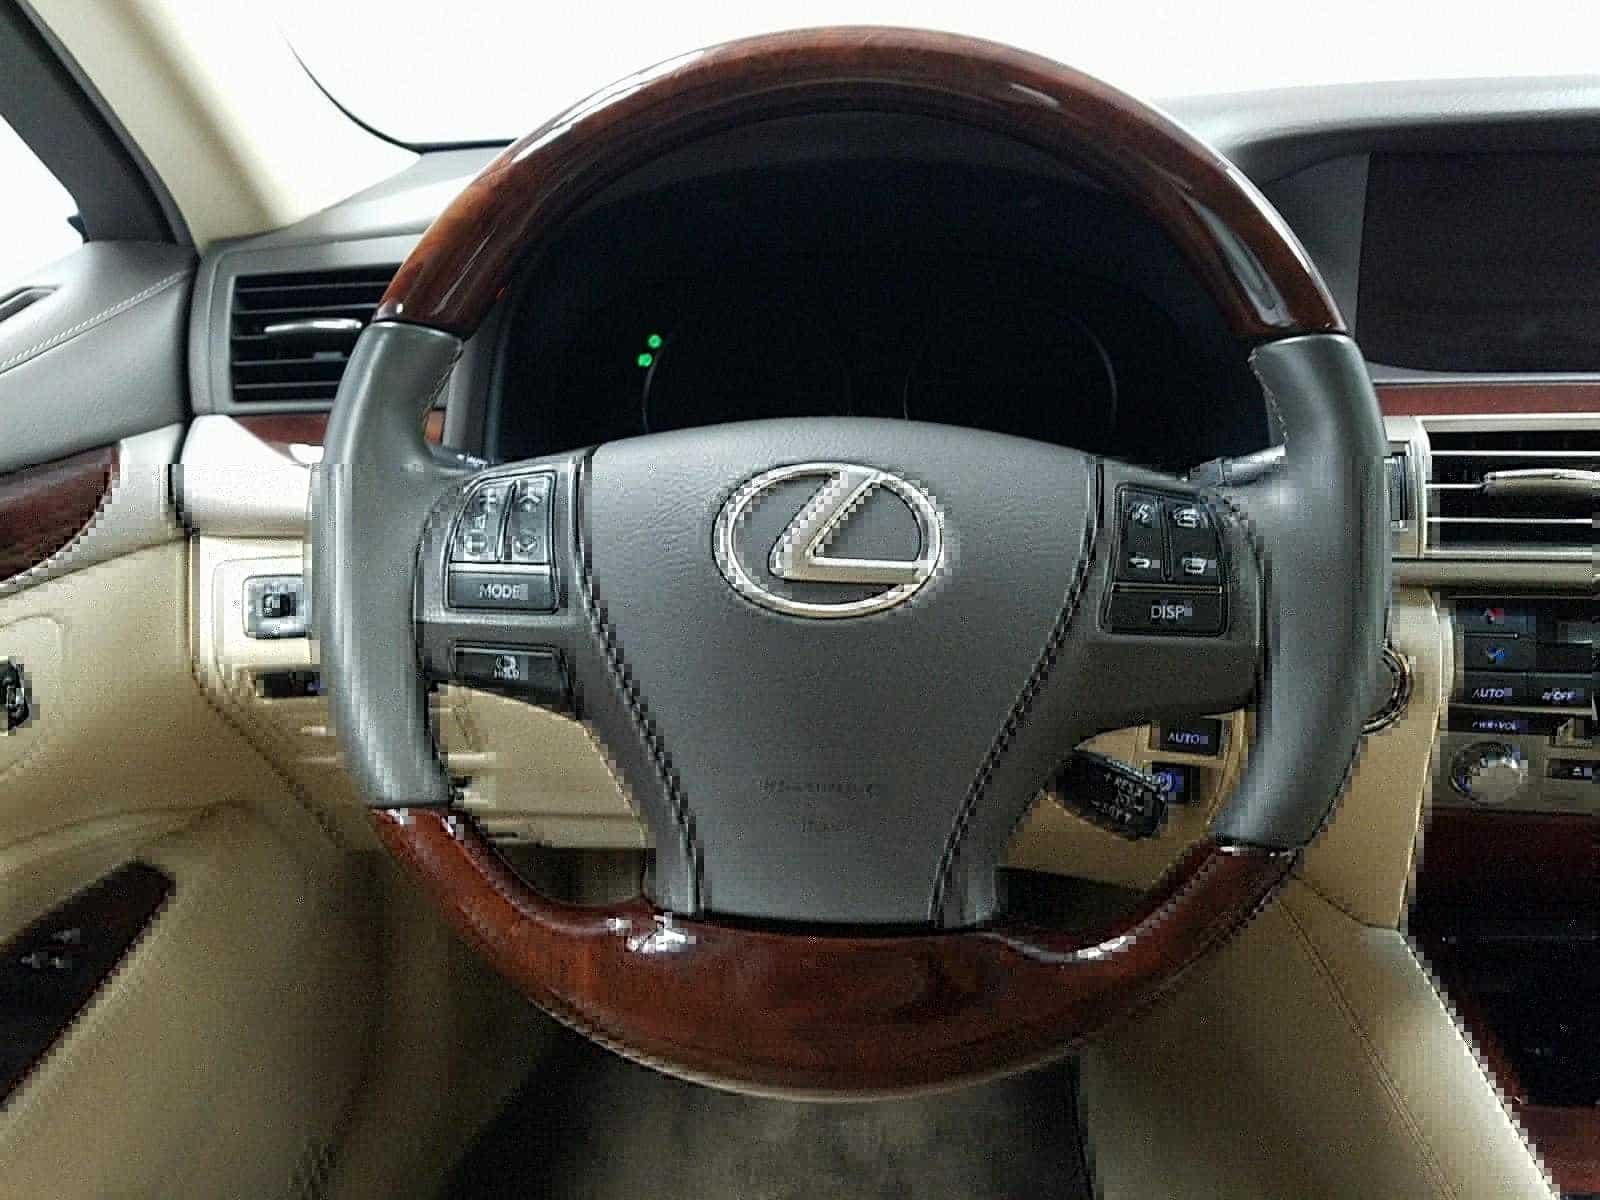 Lexus' steering wheel